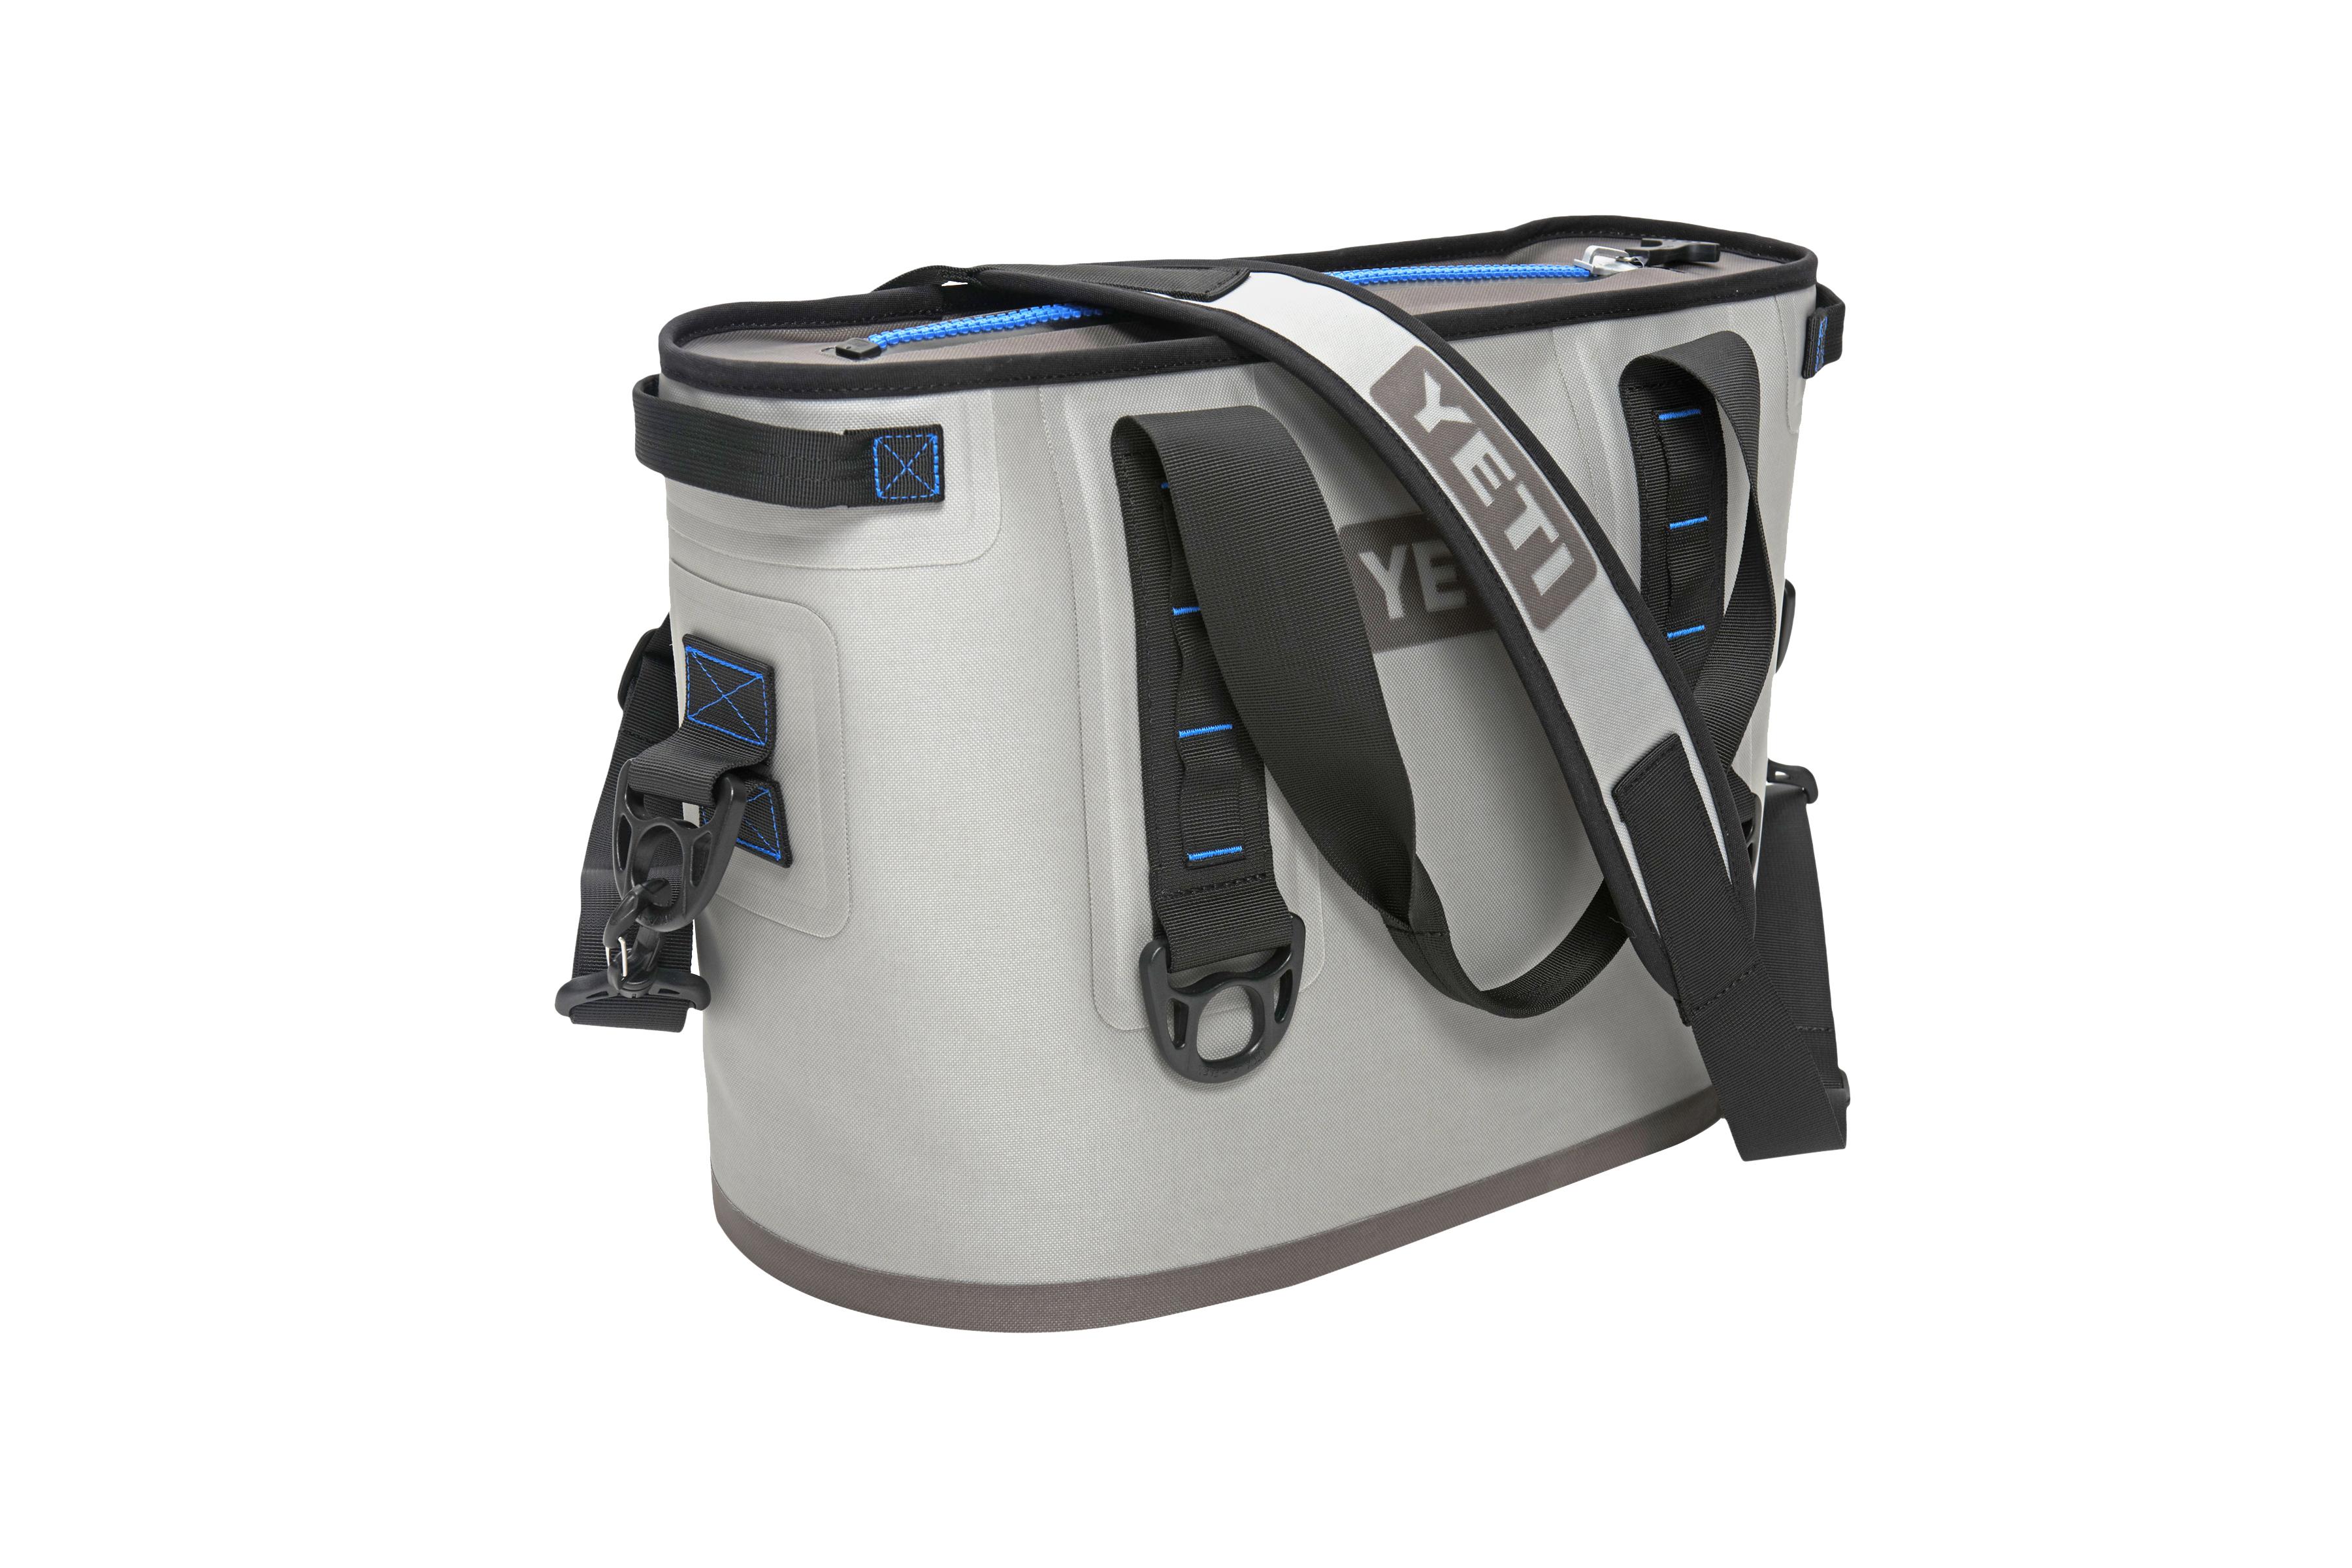 Yeti Hopper 20 Cooler